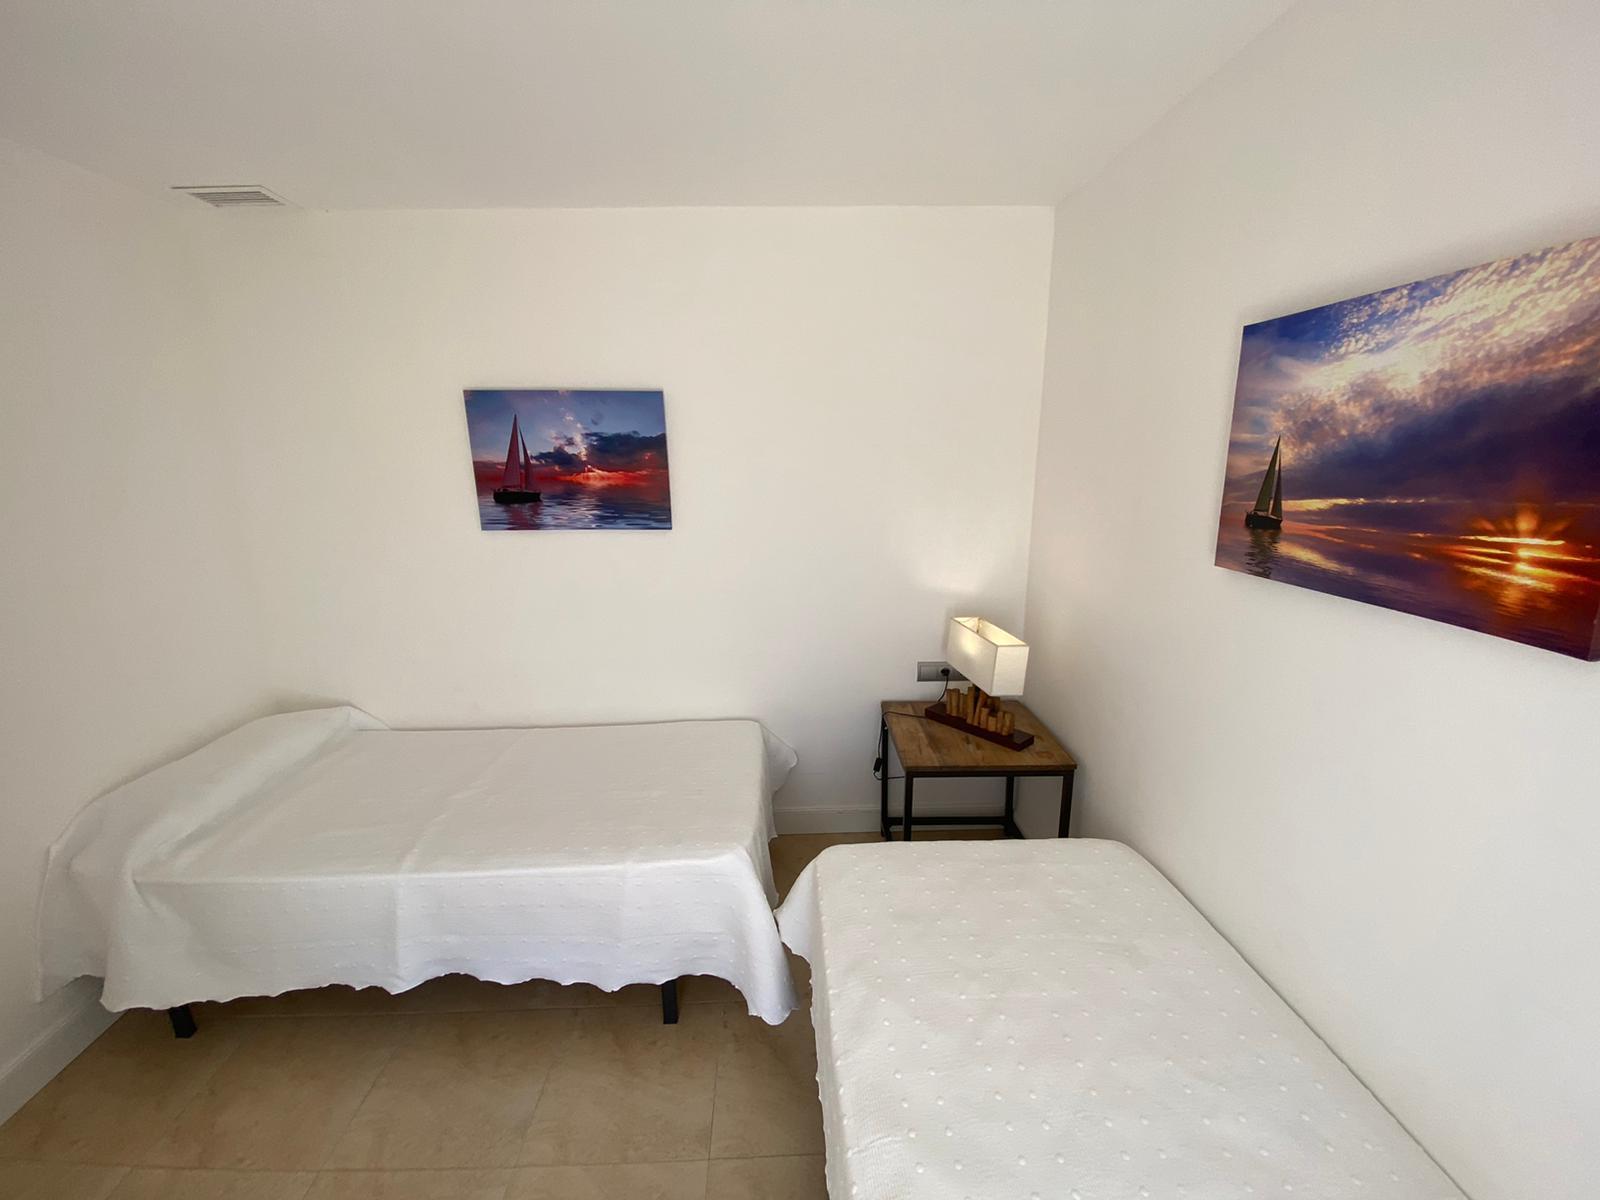 Imagen 23 del Apartamento Turístico, Ático 7 Poniente (3d+2b), Punta del Moral (HUELVA), Paseo de la Cruz nº22